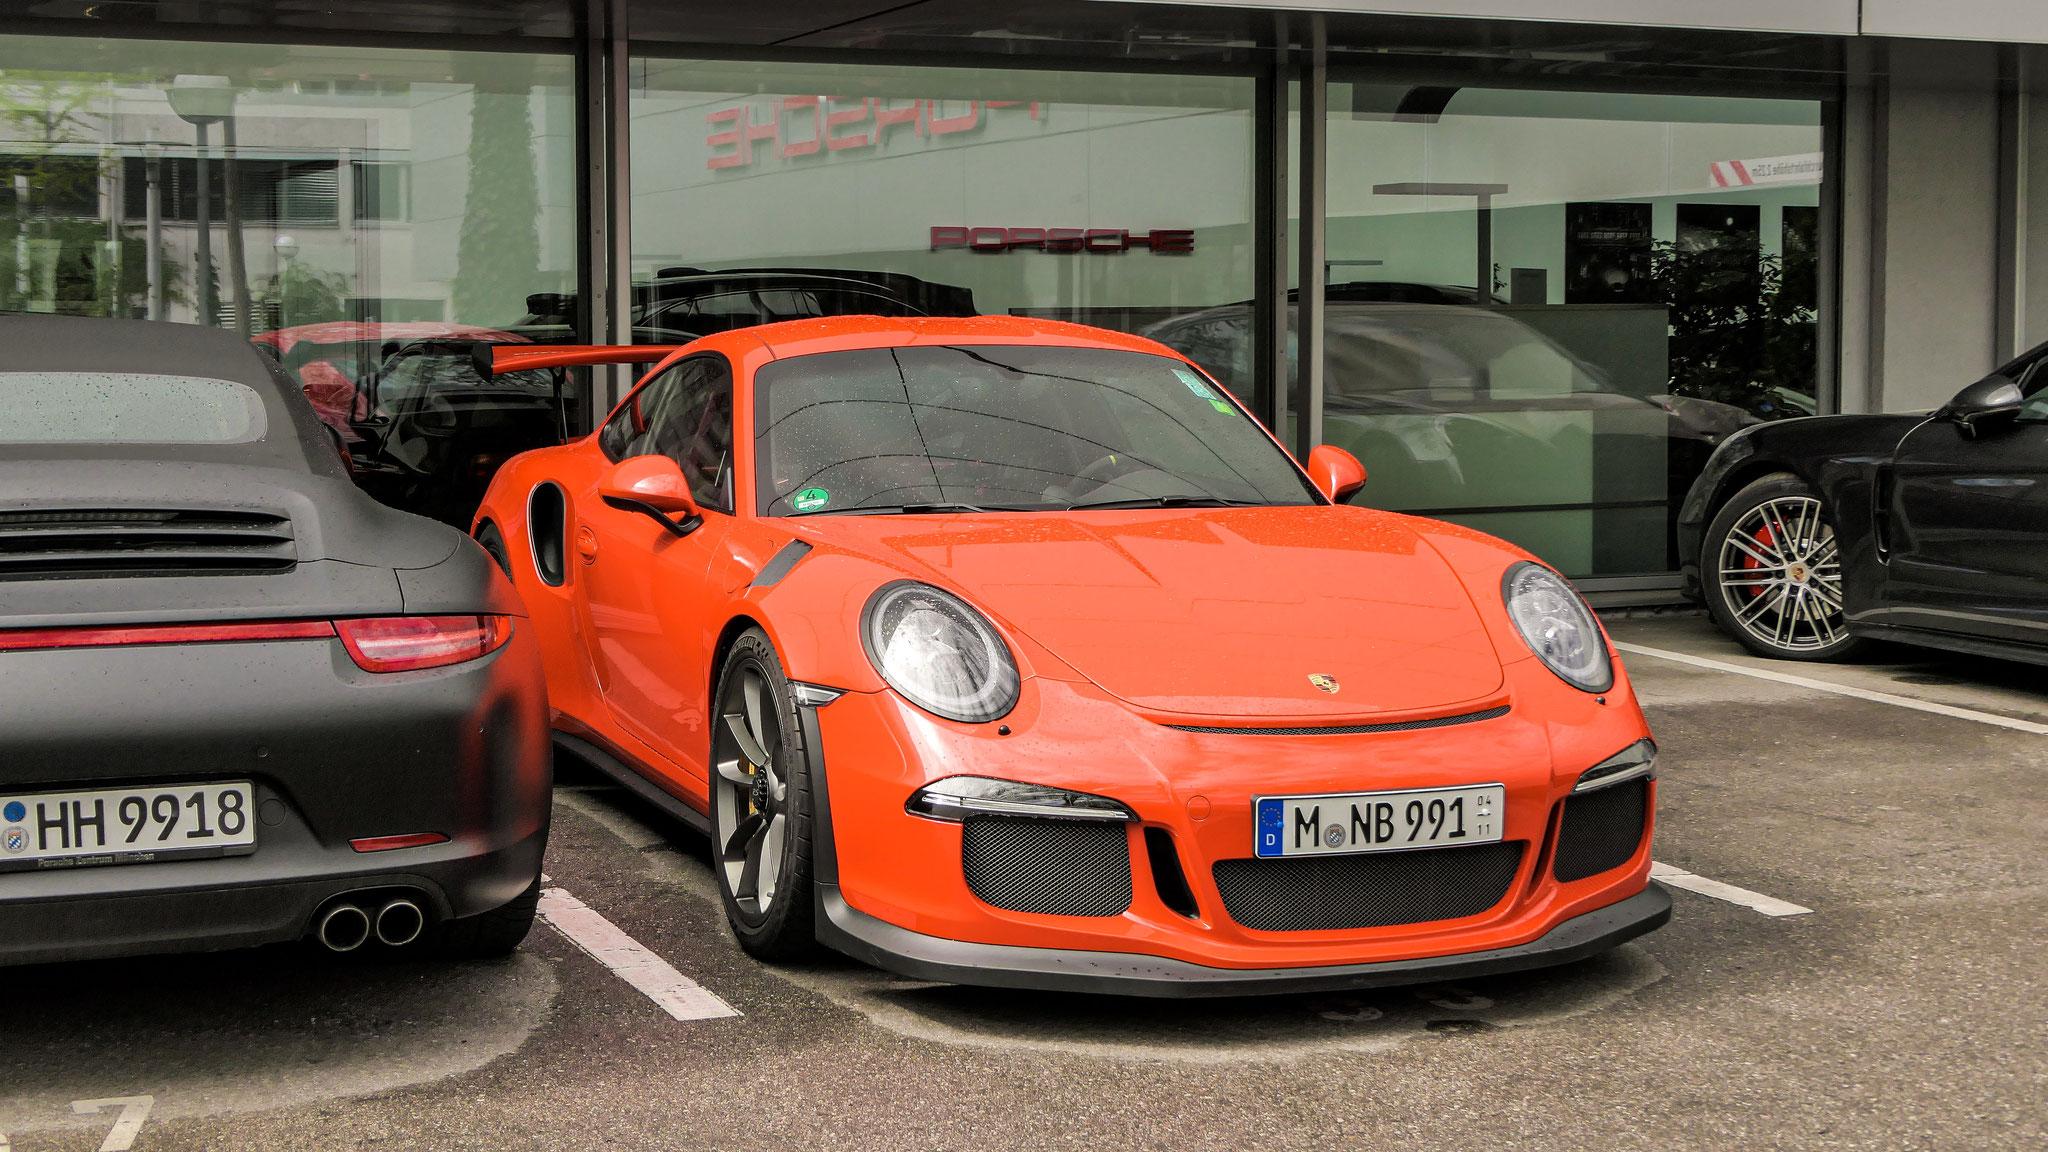 Porsche 911 GT3 RS - M-NB-991